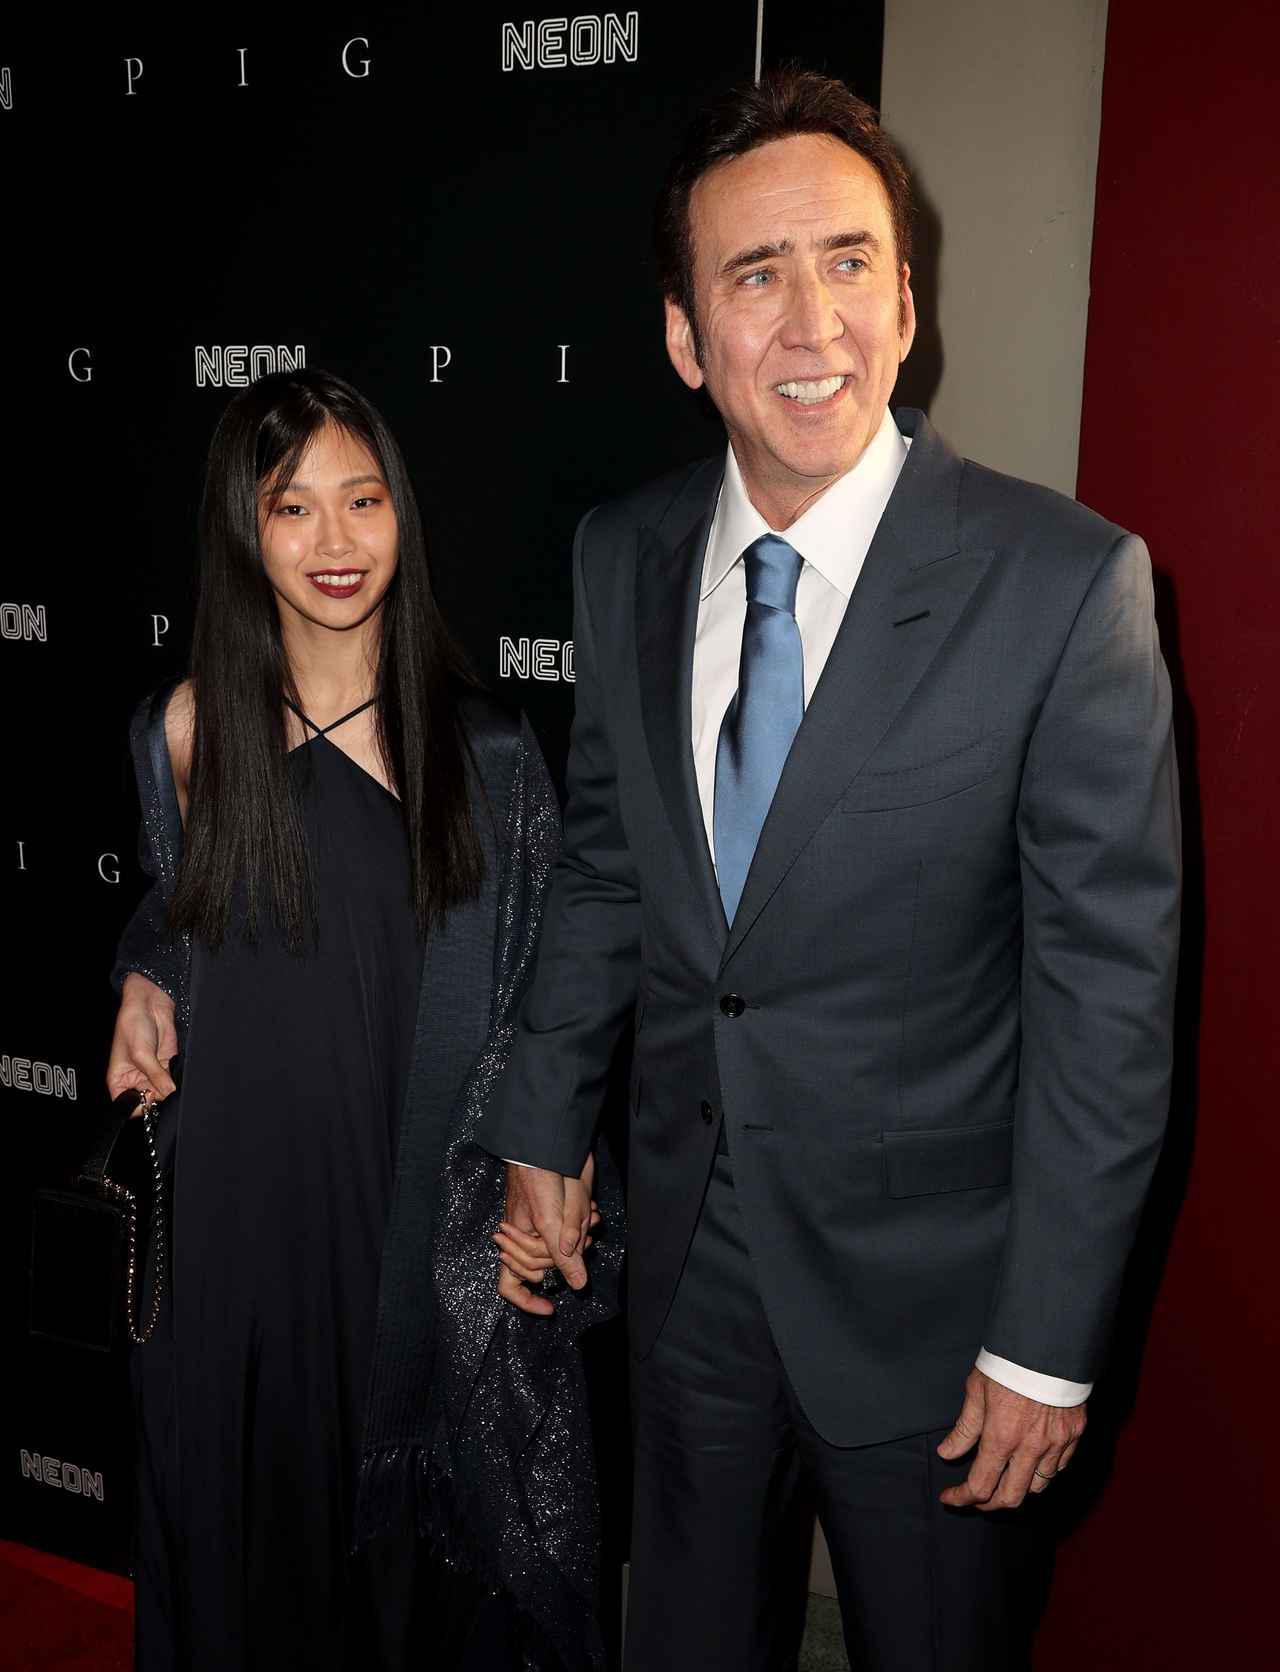 画像2: ニコラス・ケイジが映画のプレミアイベントに日本人妻を同伴